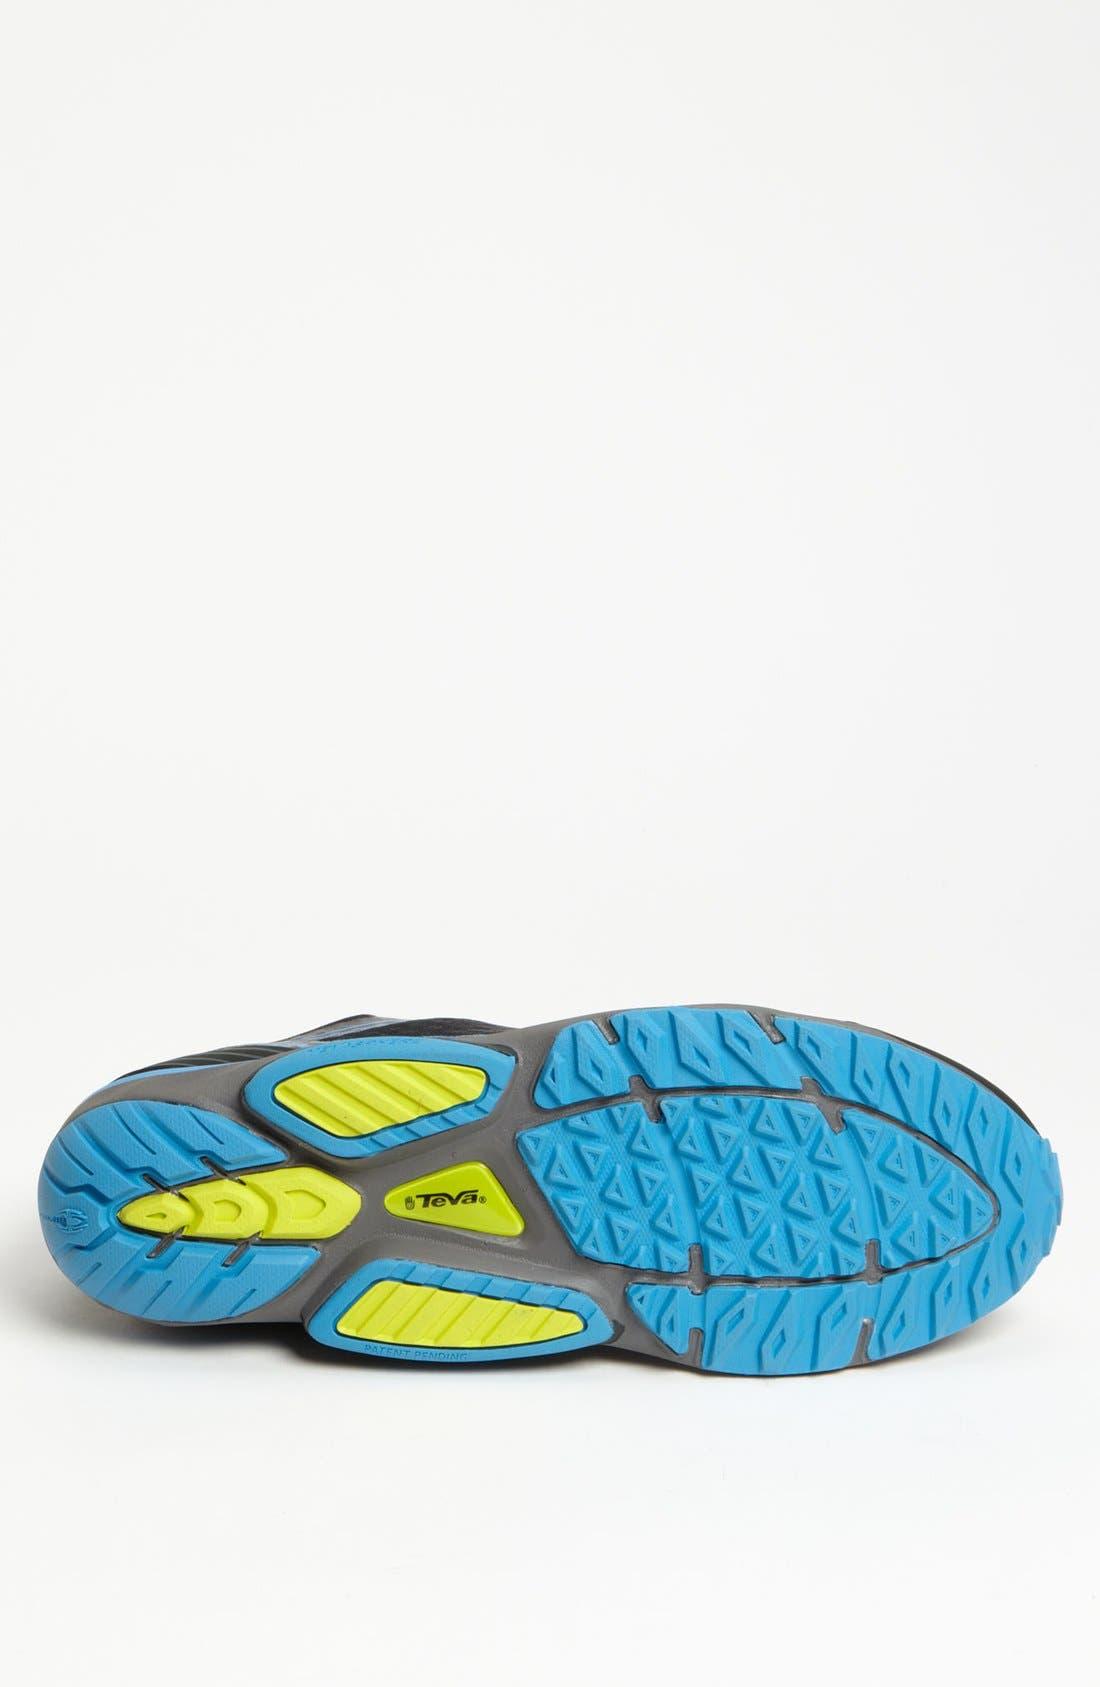 Alternate Image 4  - Teva 'TevaSphere Speed' Trail Running Shoe (Men)